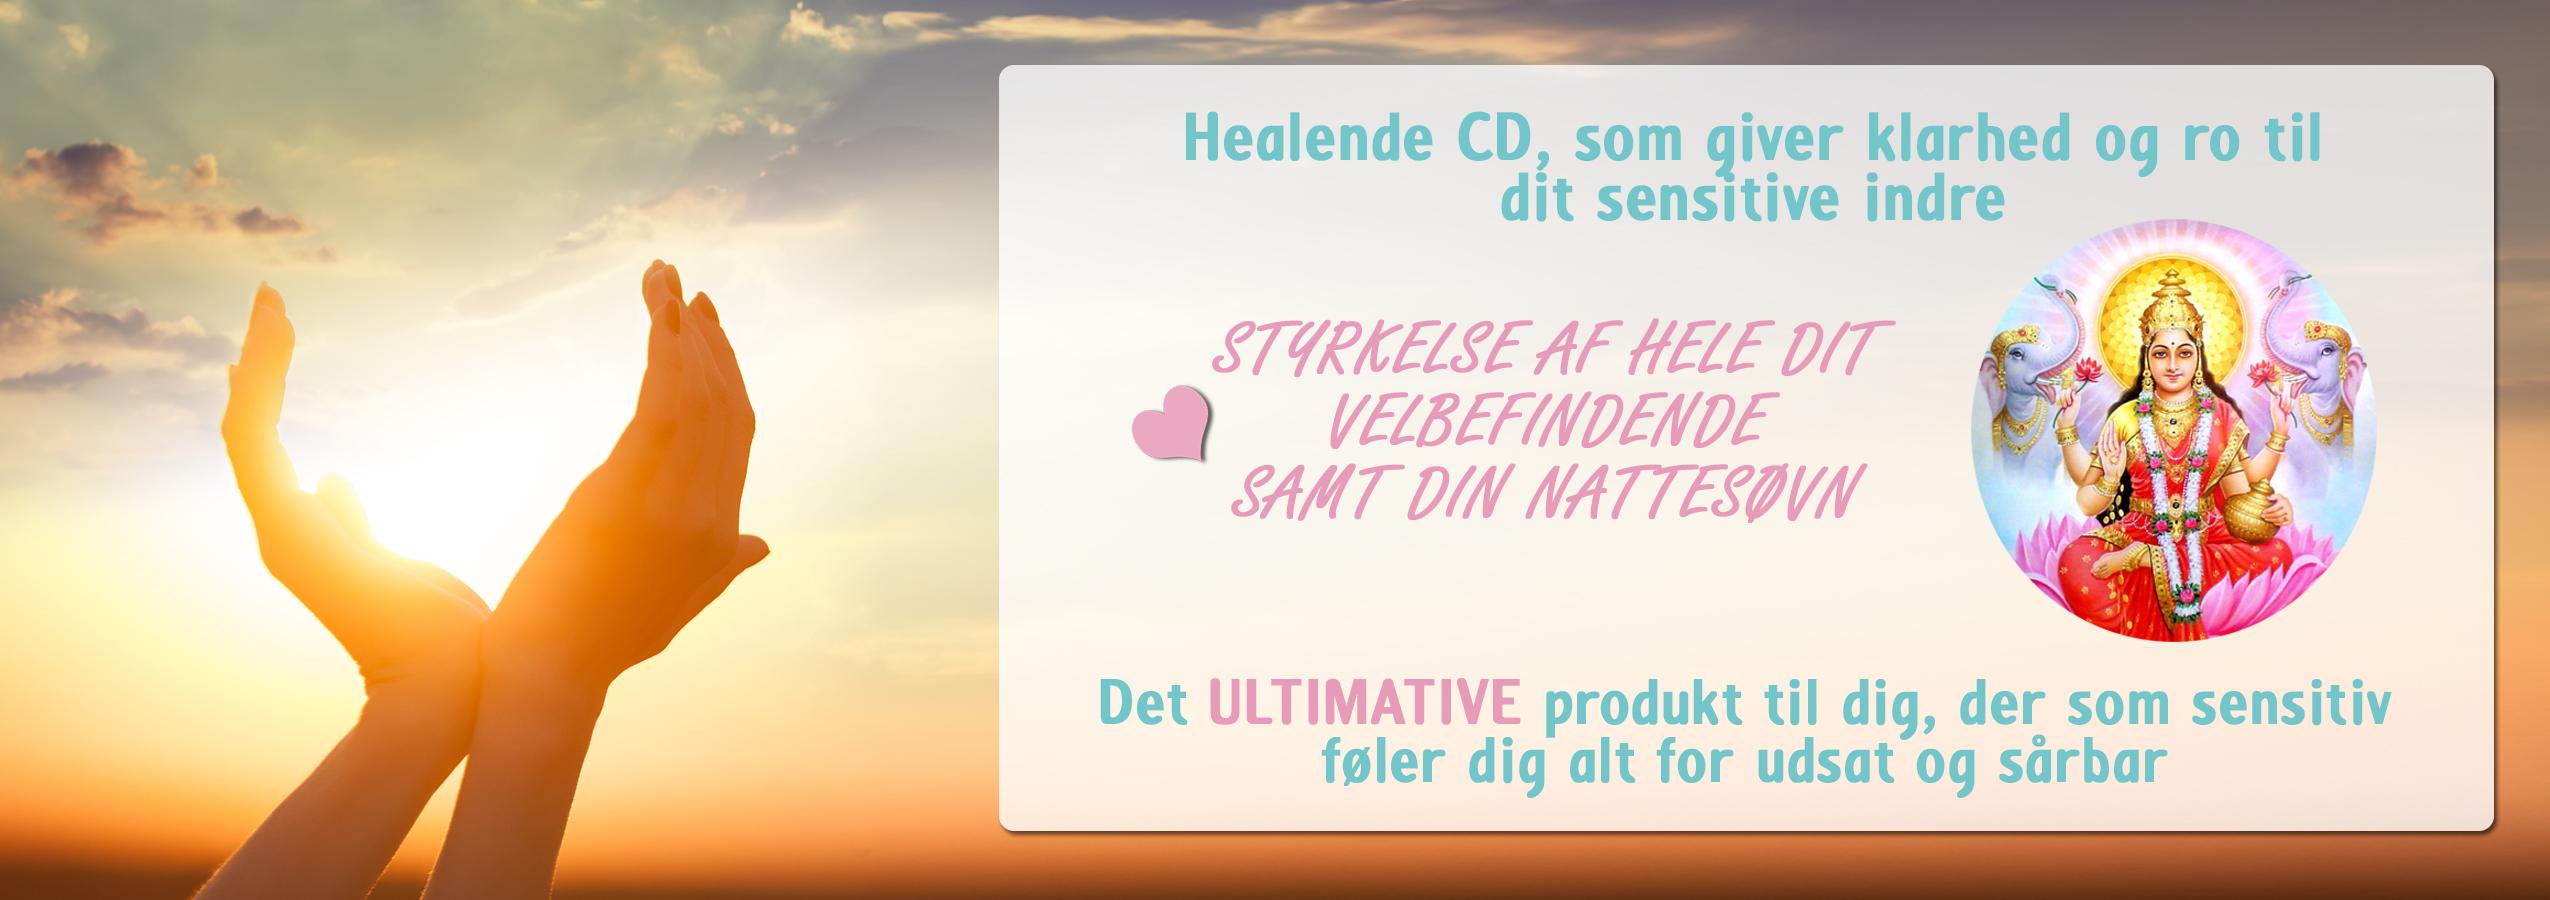 HealendeCD-banner.jpg